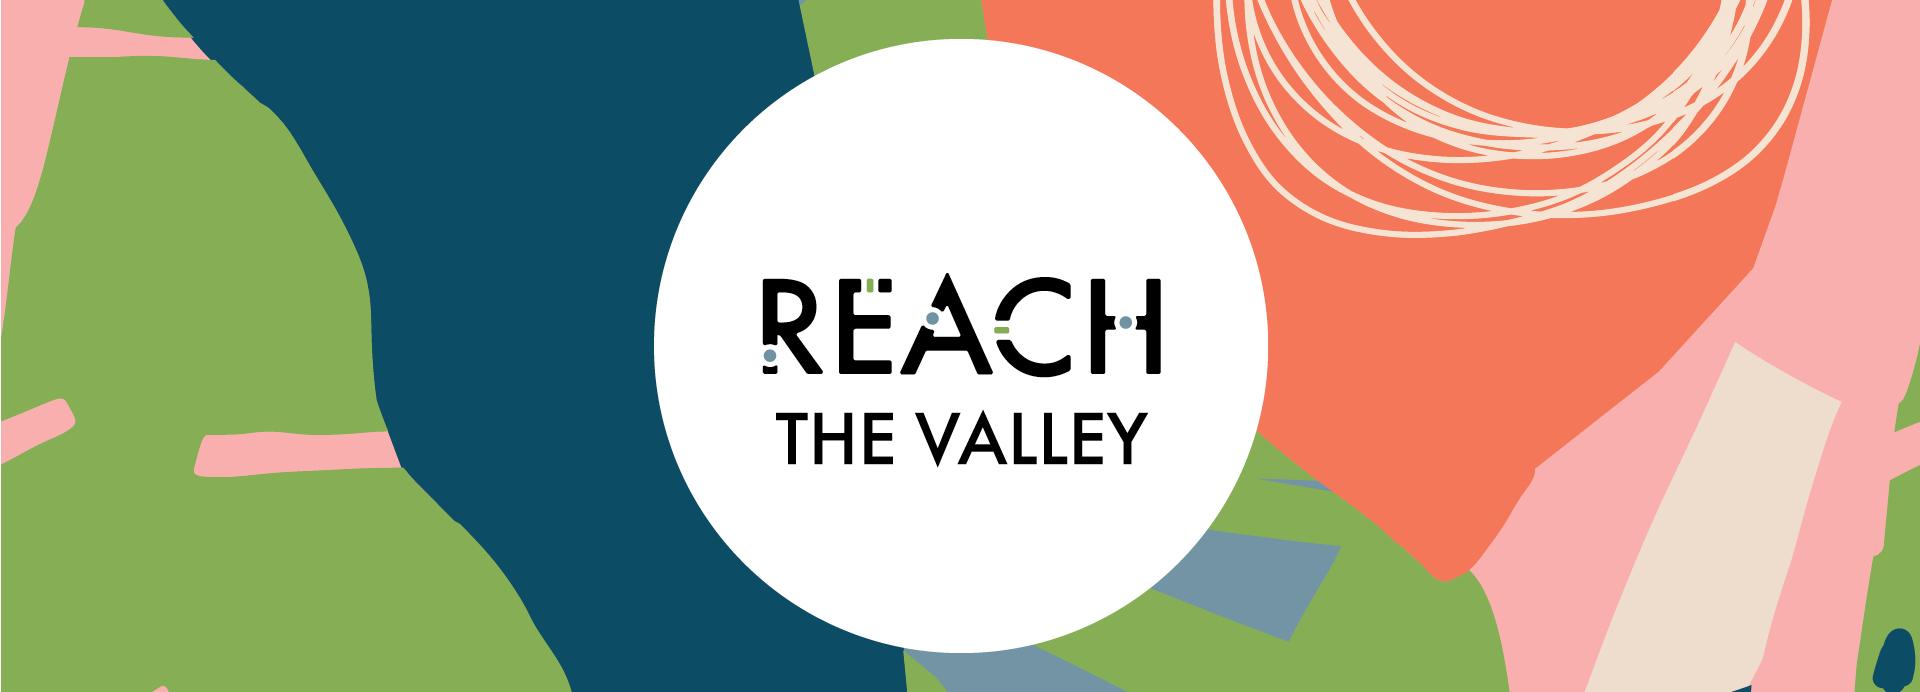 reach the valley 1920x692.jpg